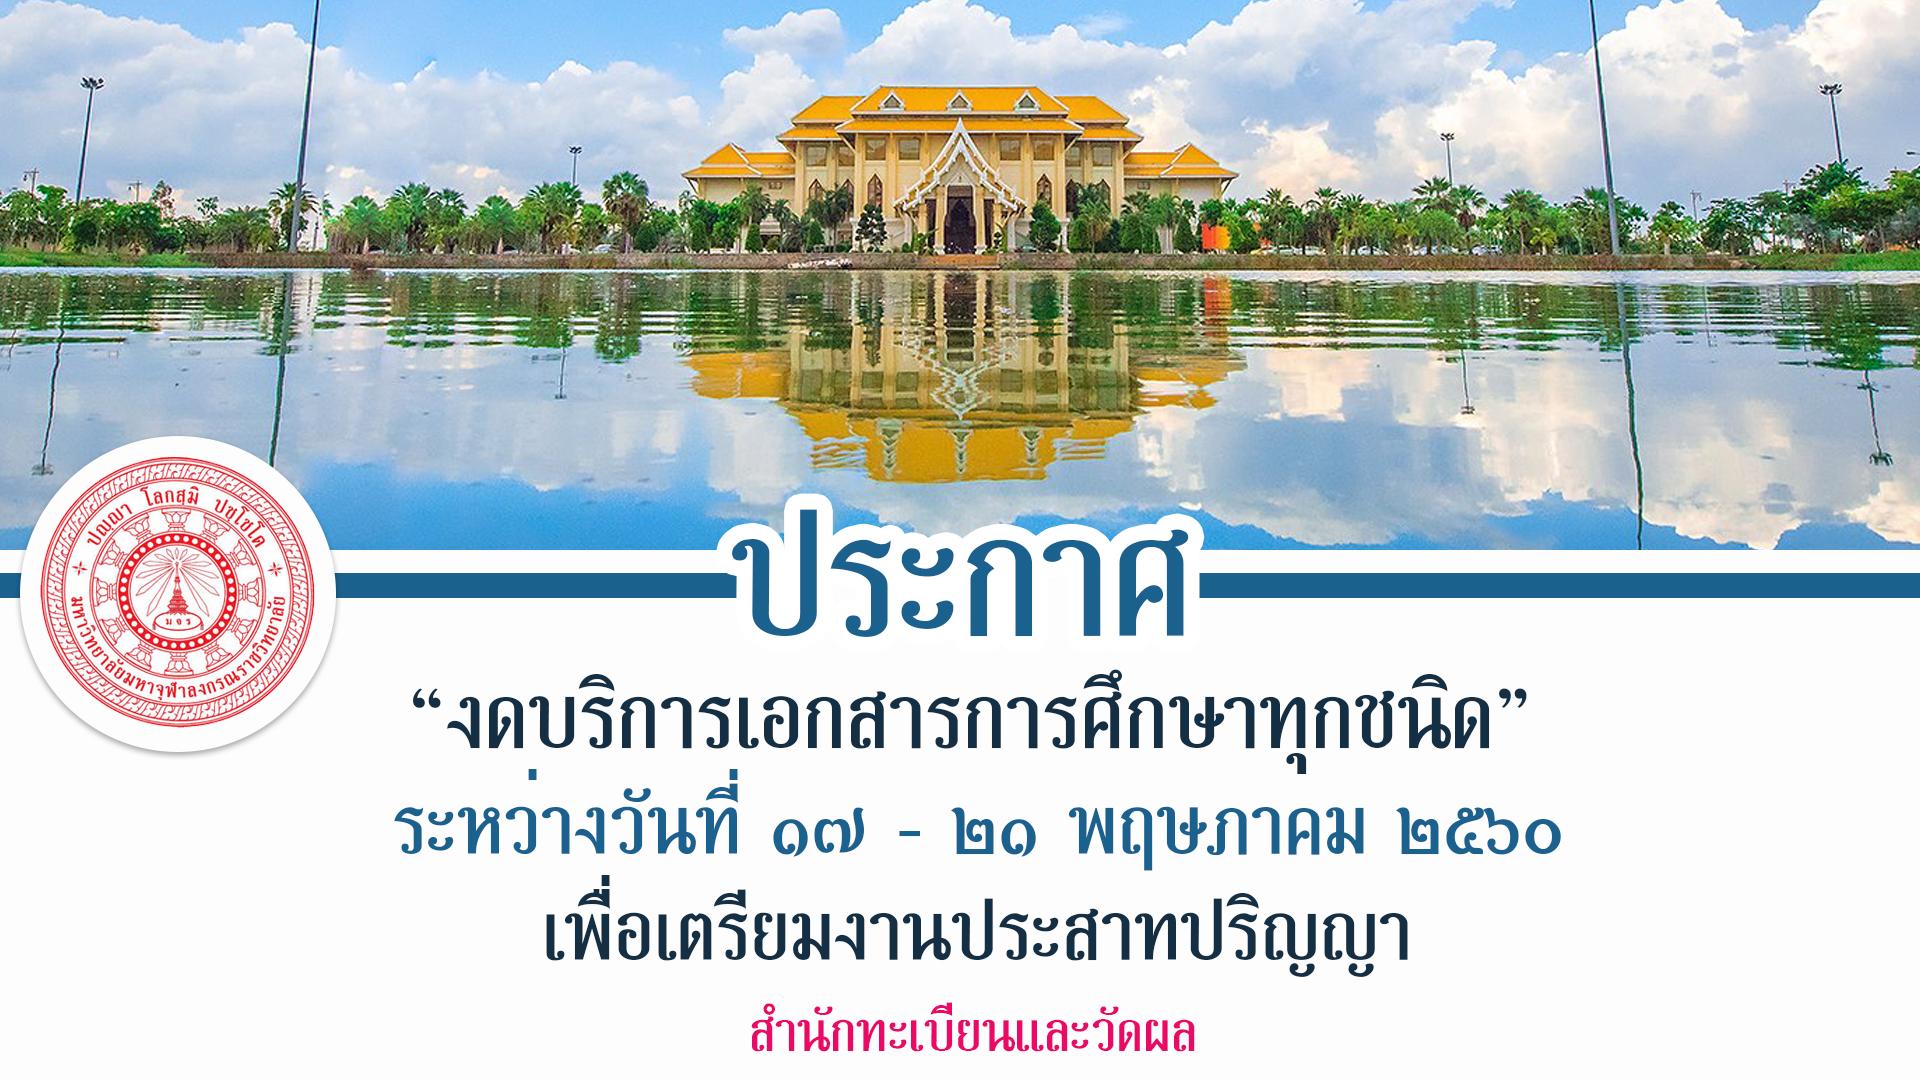 Photo of ประกาศ : สำนักทะเบียนจะให้งดบริการเอกสารการศึกษาทุกชนิด ระหว่างวันที่ 17-21 พฤษภาคม 2560